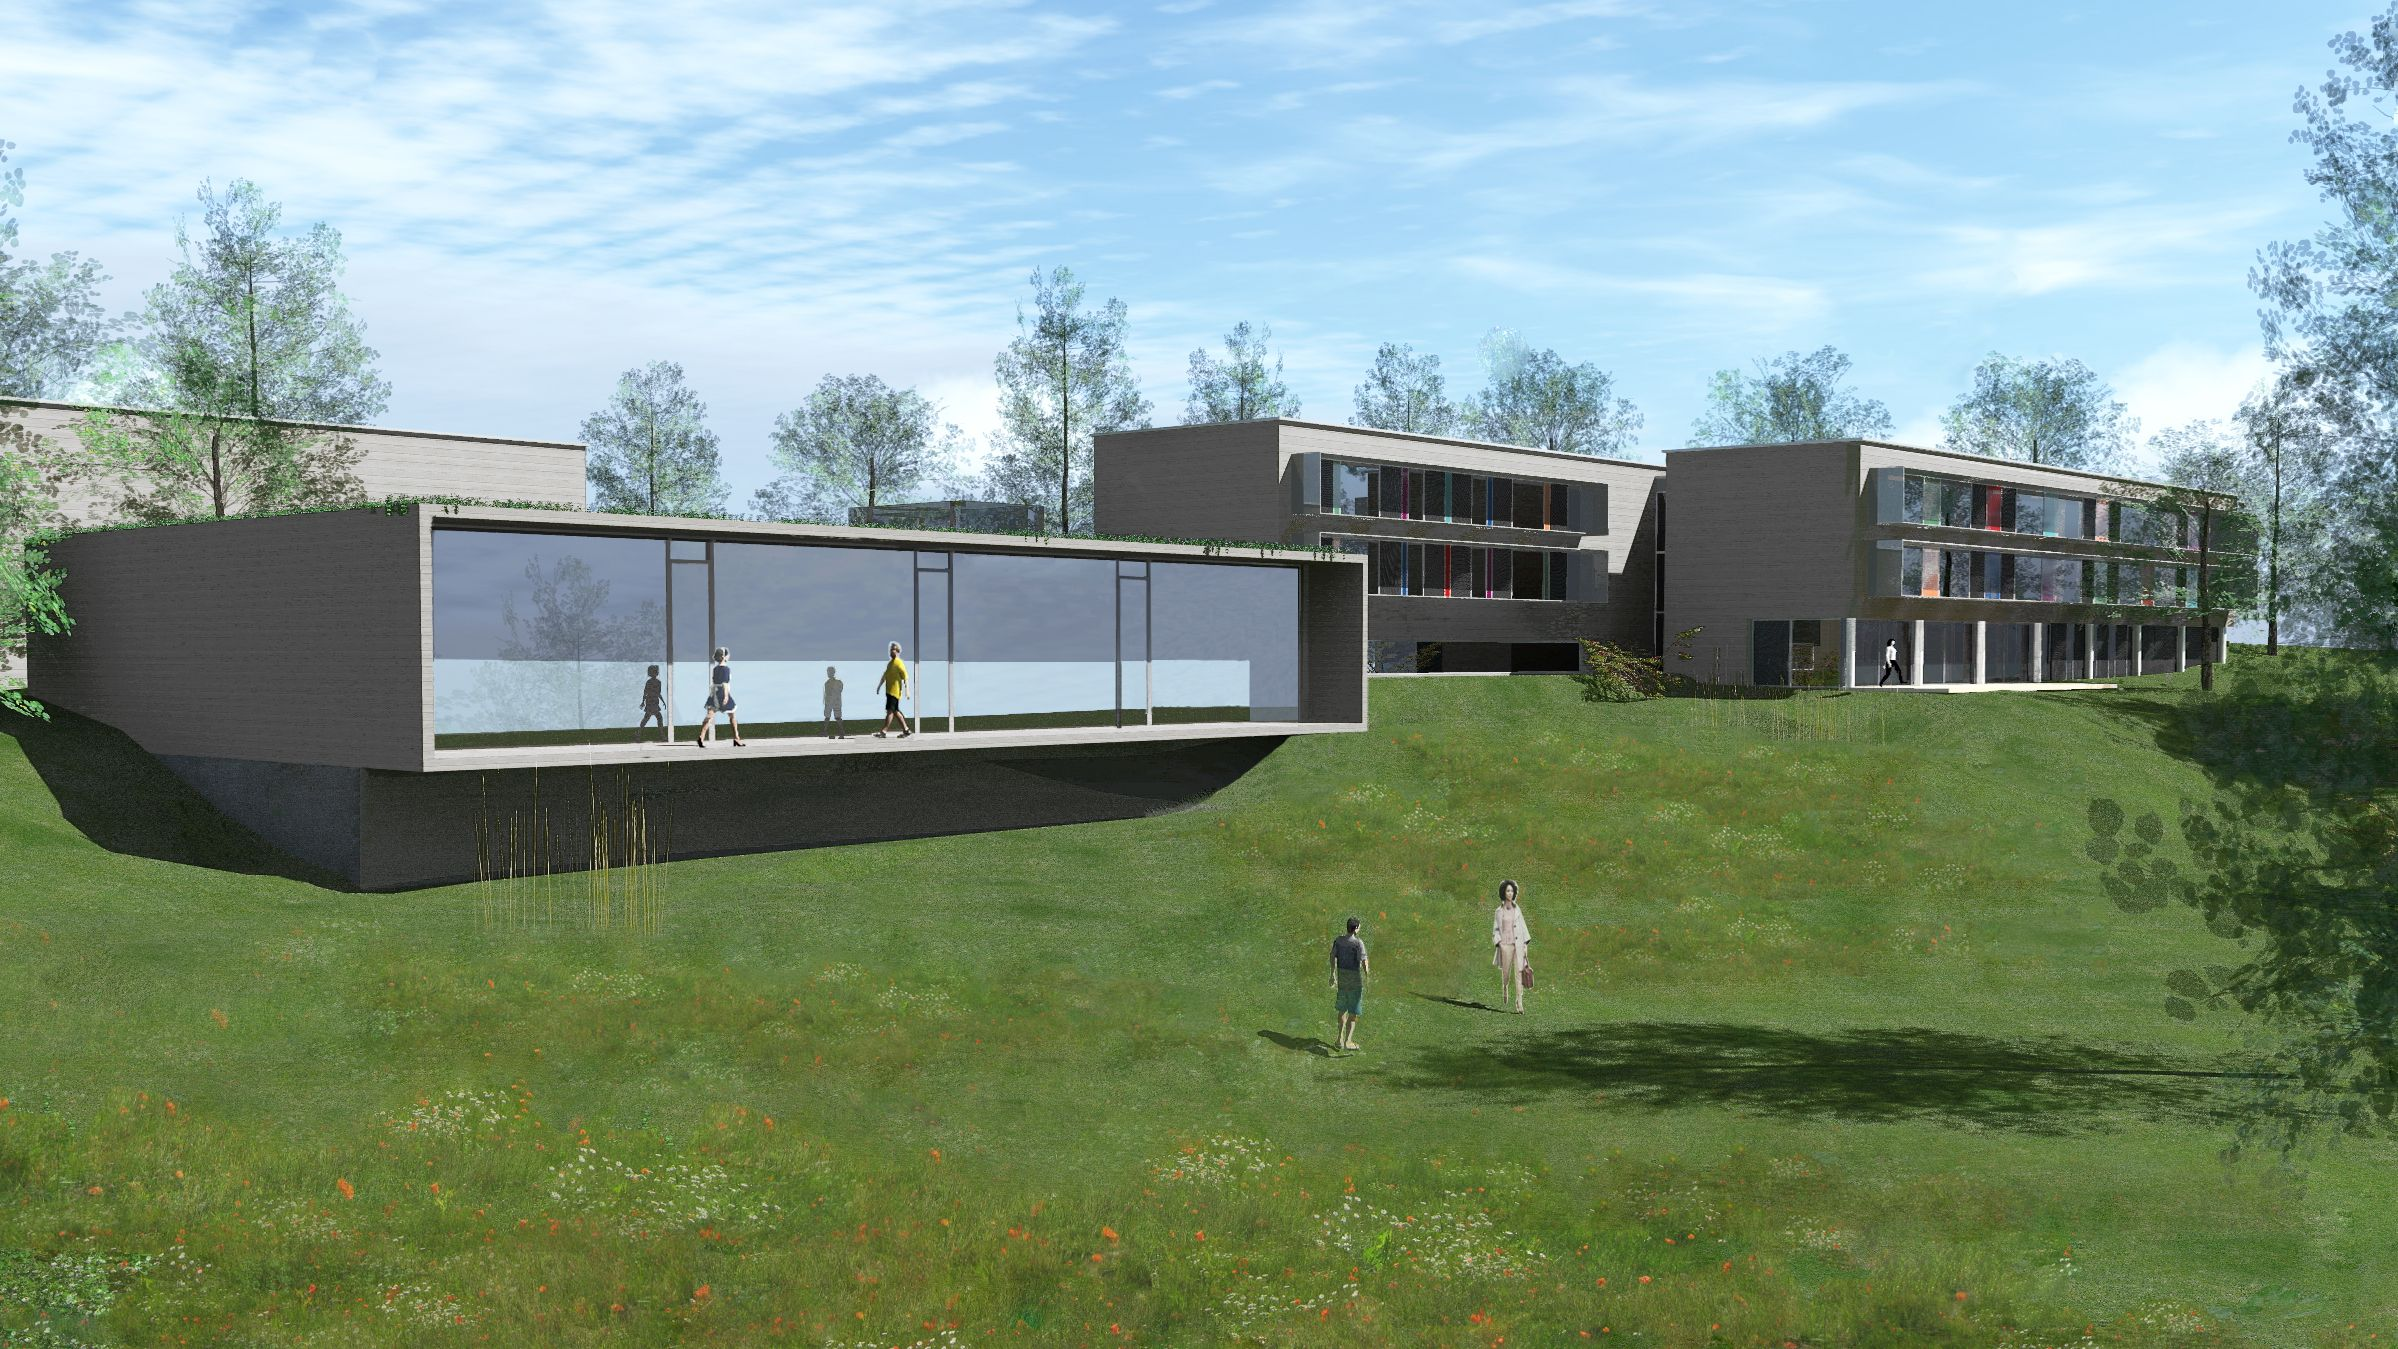 Geplanter Anbau für Sport-und Bewegungszentrum auf dem Gelände der Regensburger Uniklinik